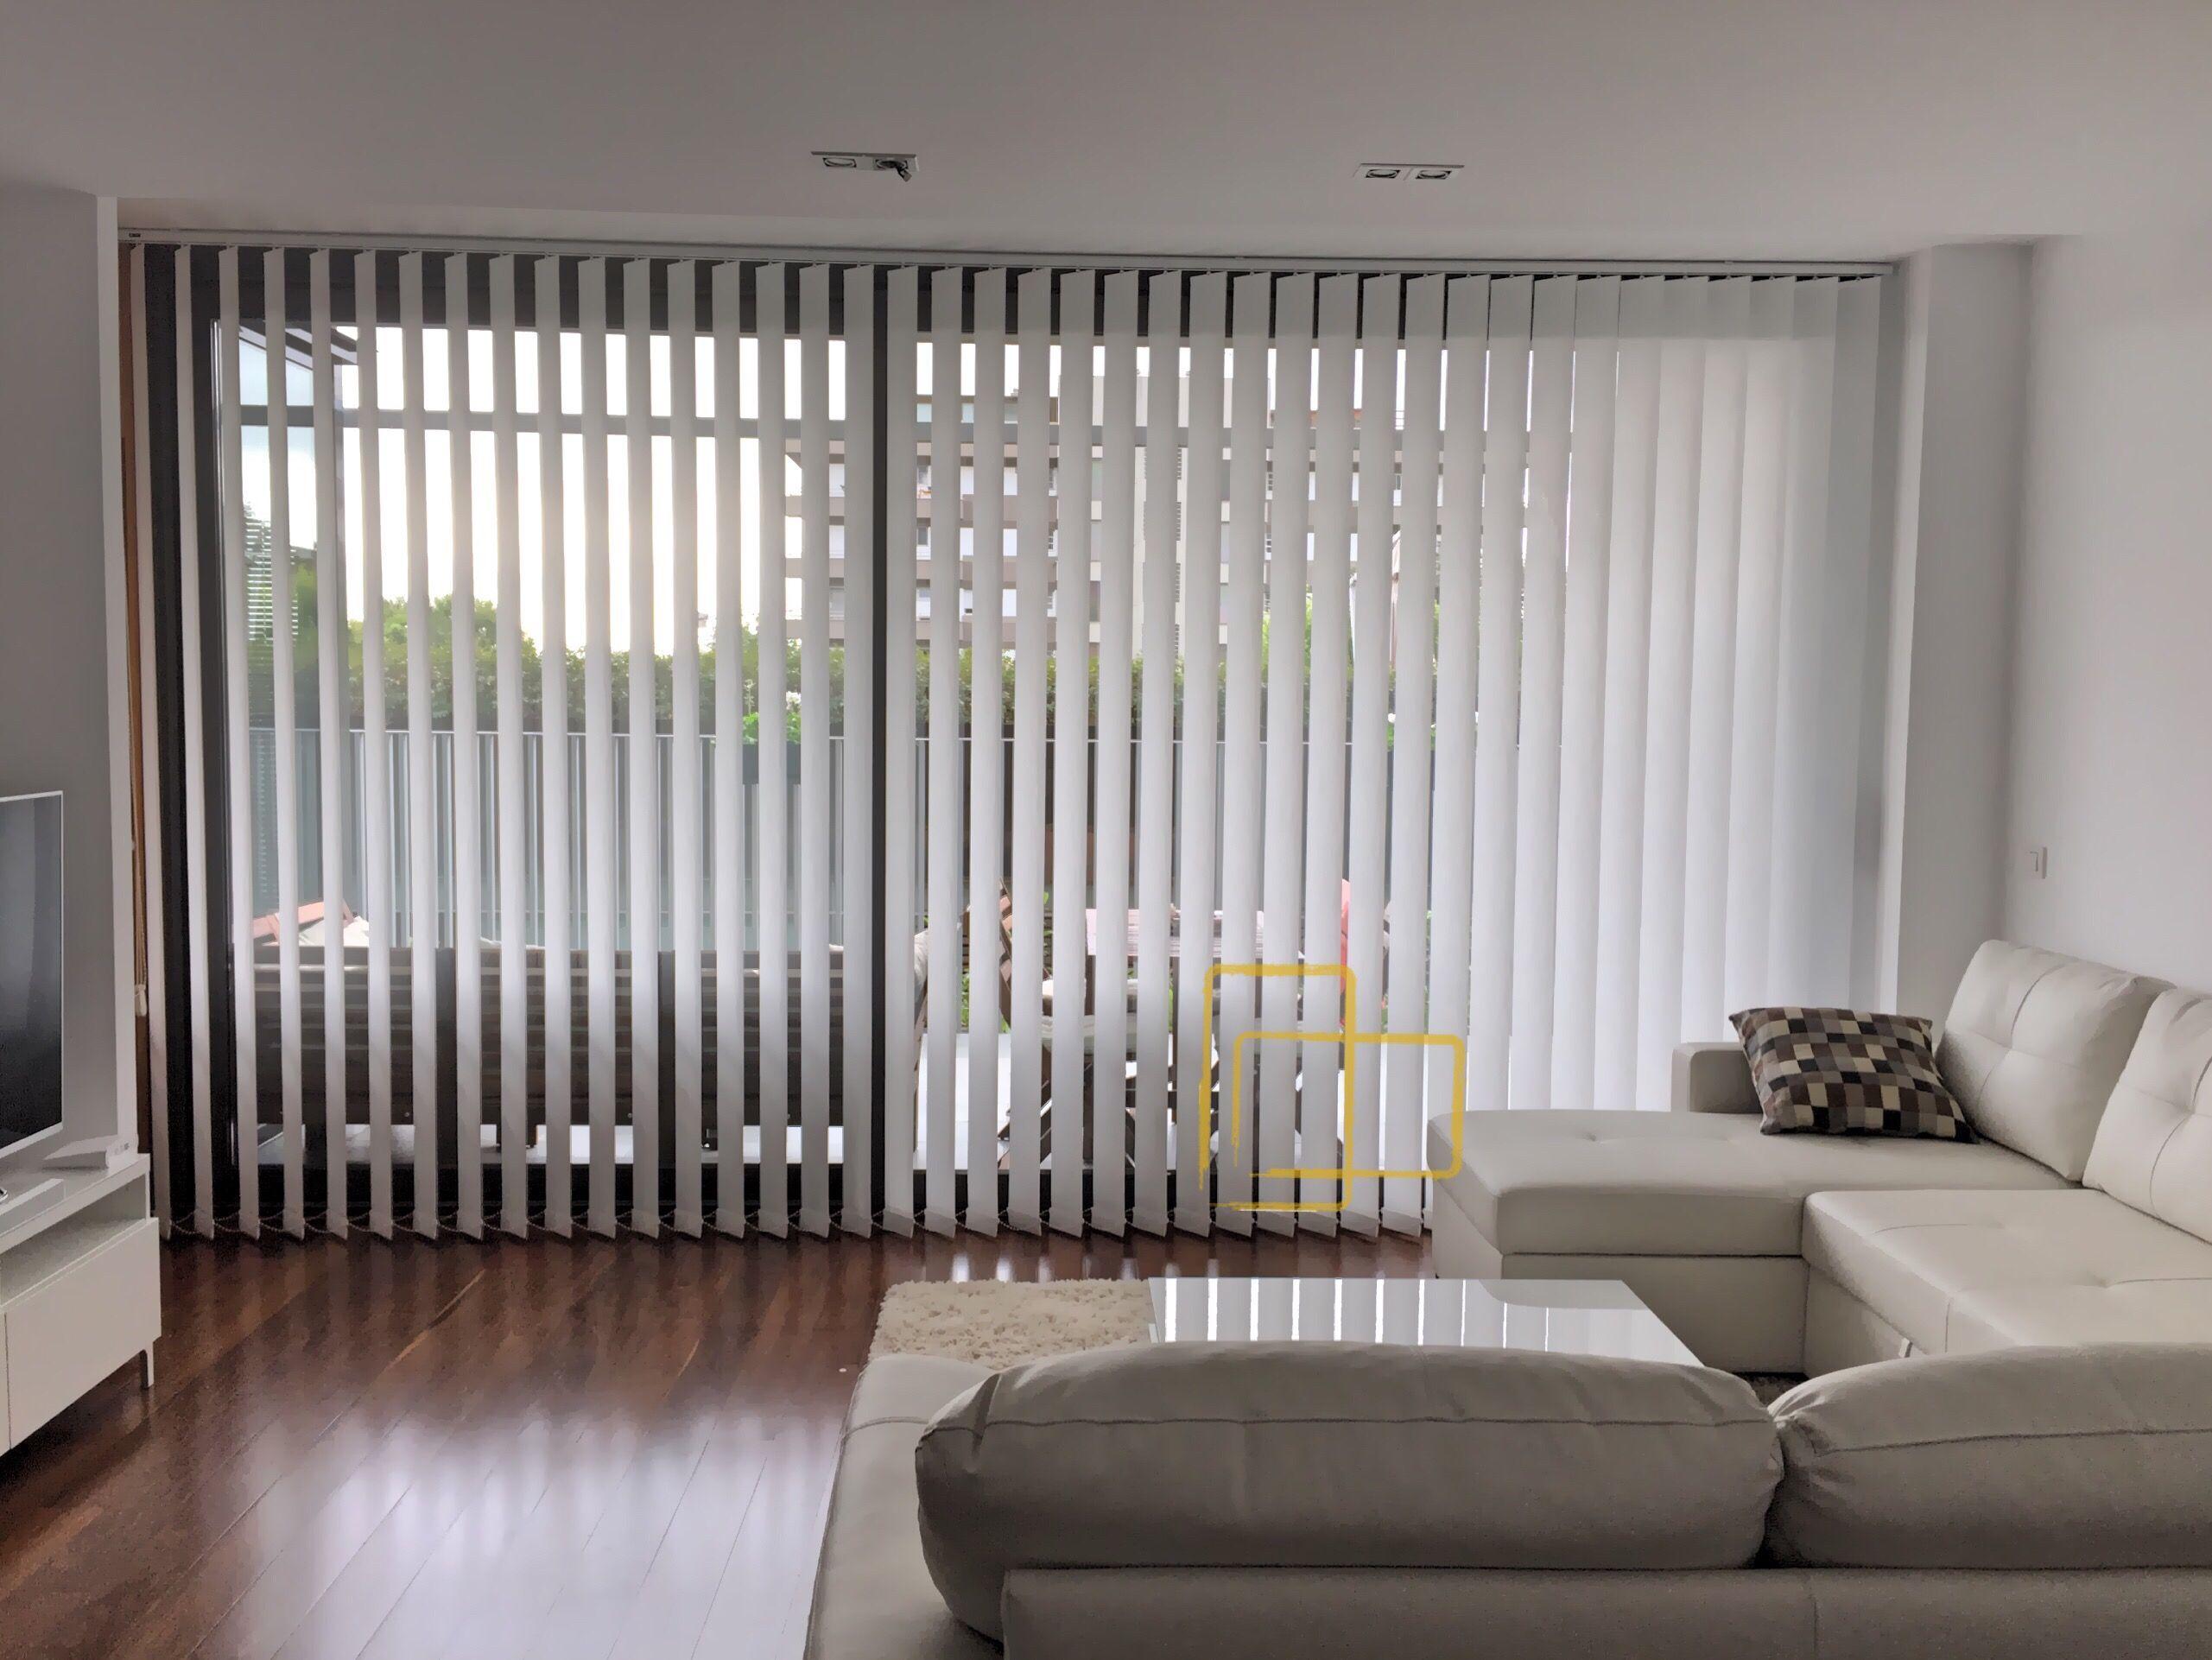 Regula la luz con nuestras cortinas verticales solart cortinas verticales cortinas solart - Cortina con estor ...